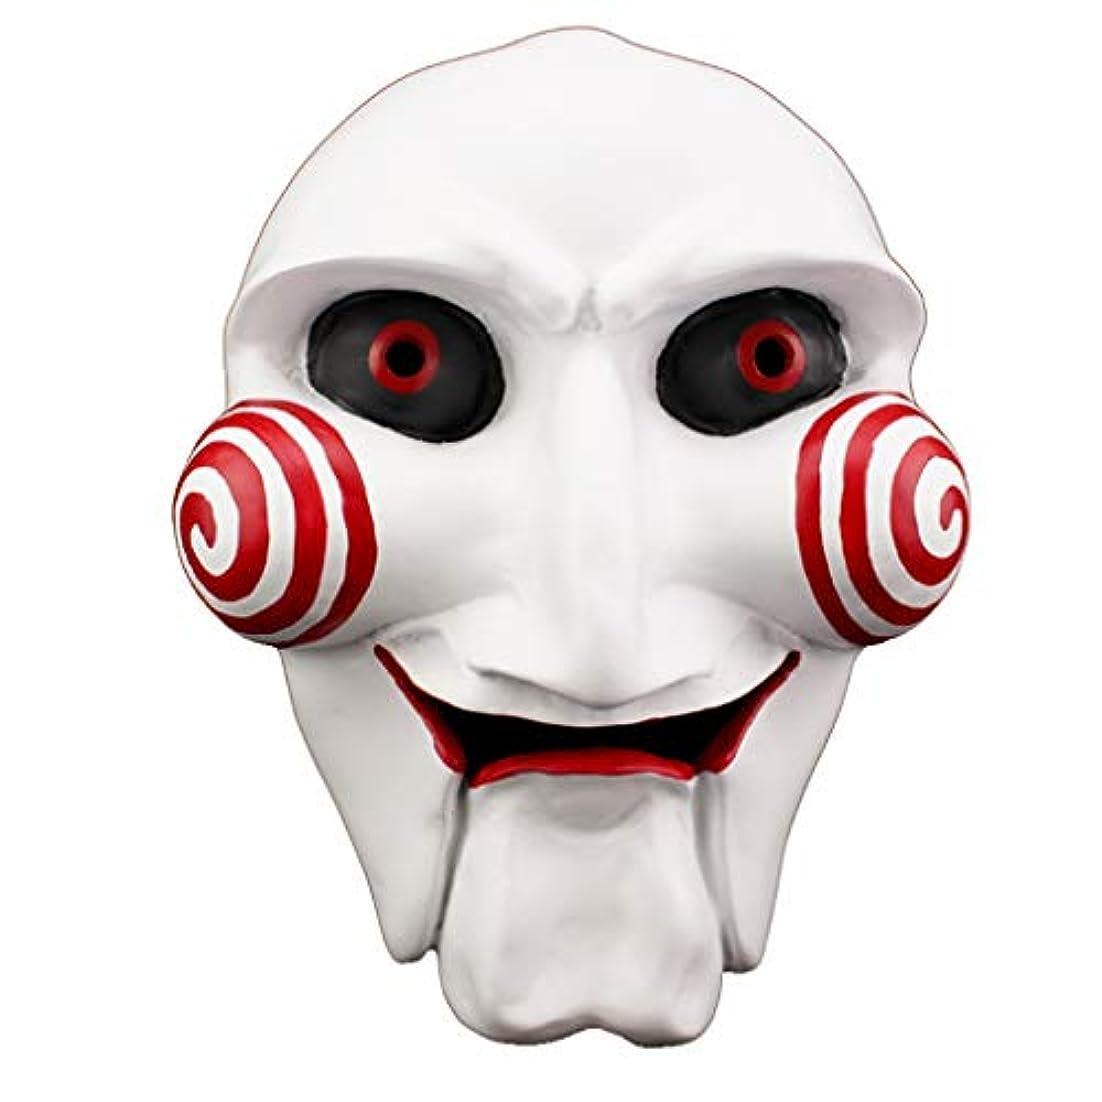 胚興奮スリッパハロウィンホラーマスクダンスパーティーメンズキラーデビルメイク樹脂マスク